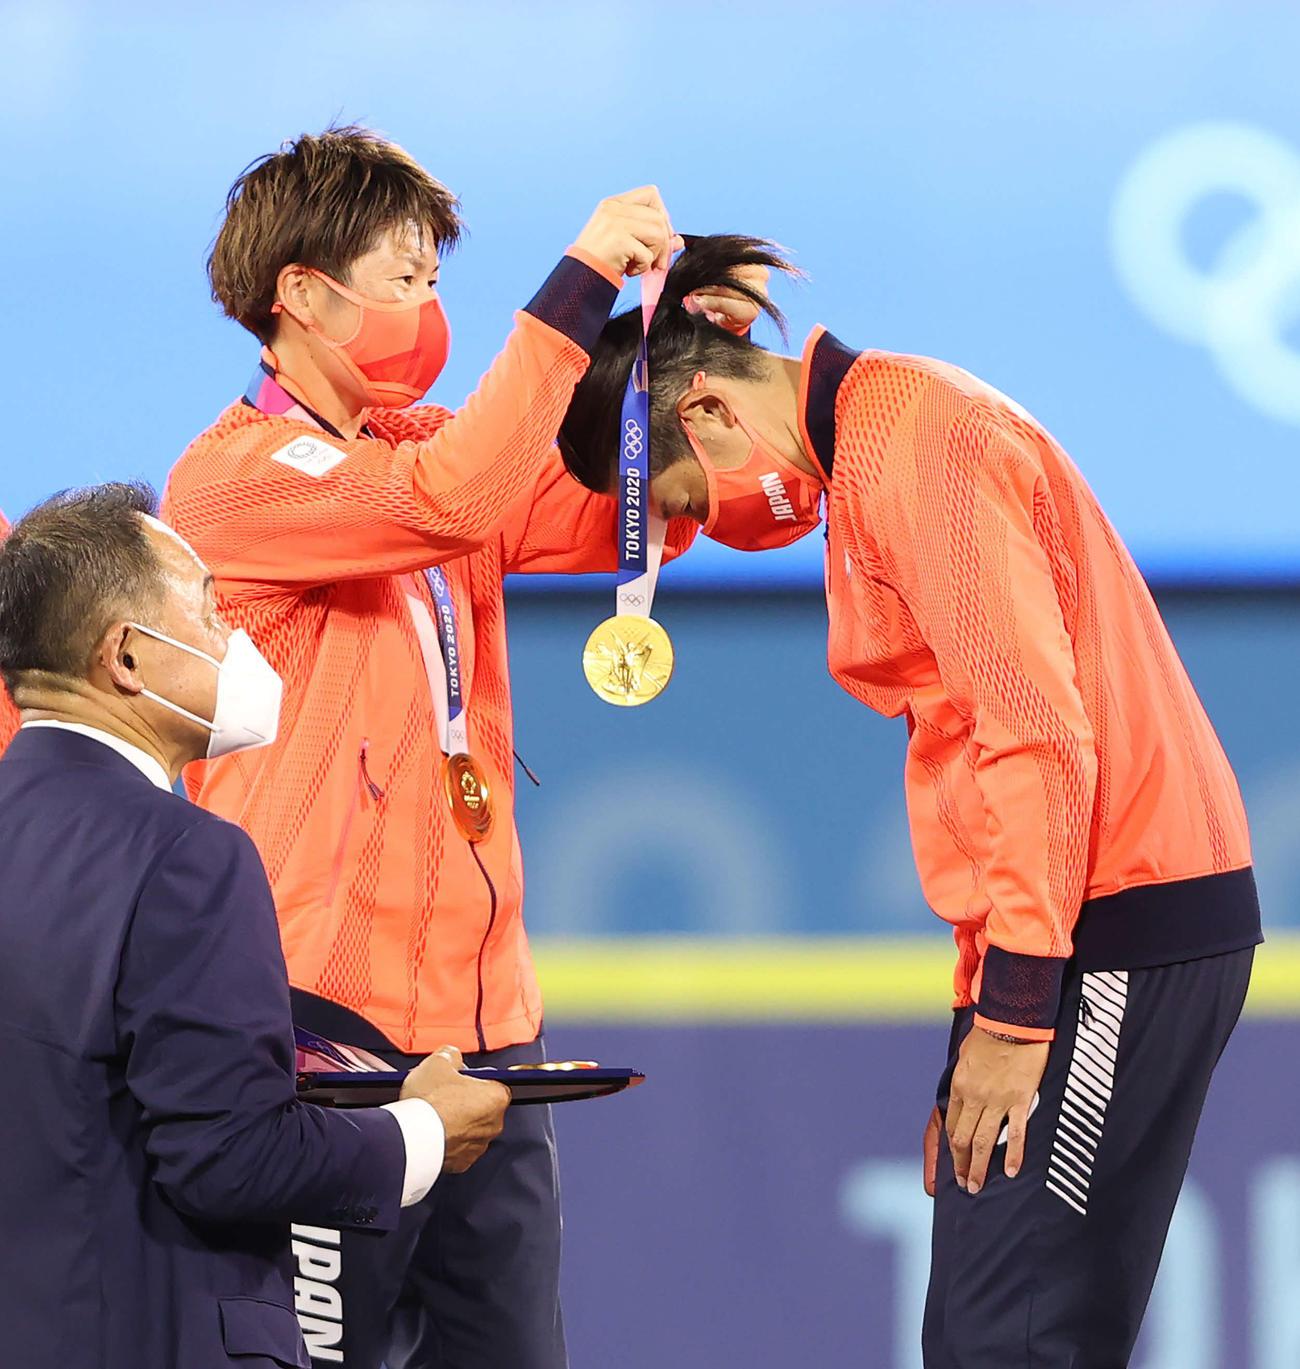 日本対米国 表彰式で上野(右)に金メダルをかける藤田(撮影・河野匠)